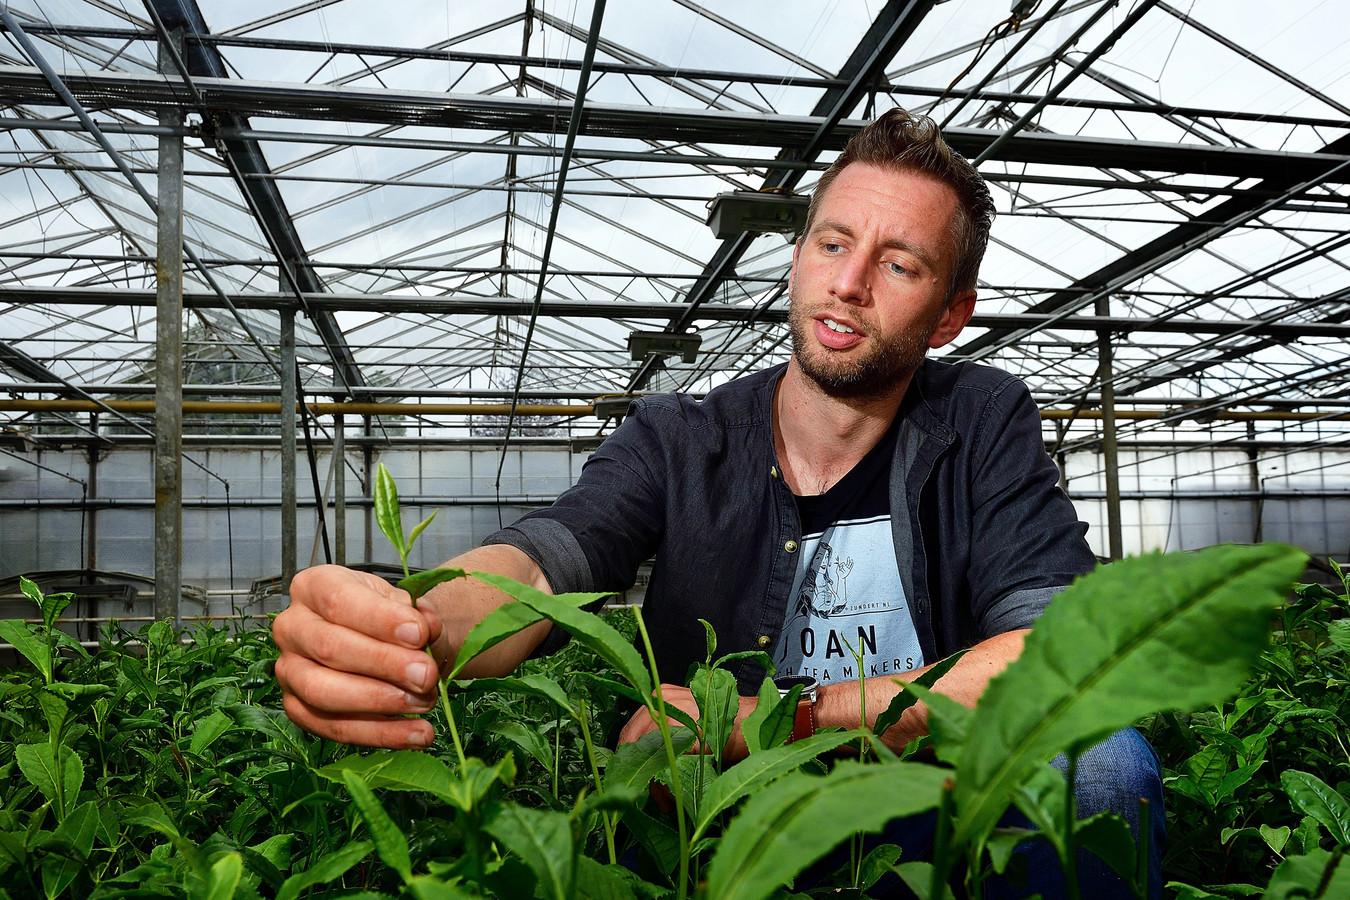 Johan Jansen uit Zundert bij zijn theeplanten in pot. Een kilometer verderop heeft hij nog eens drie hectare plantage in volle grond. Het verschil in kweken proef je.